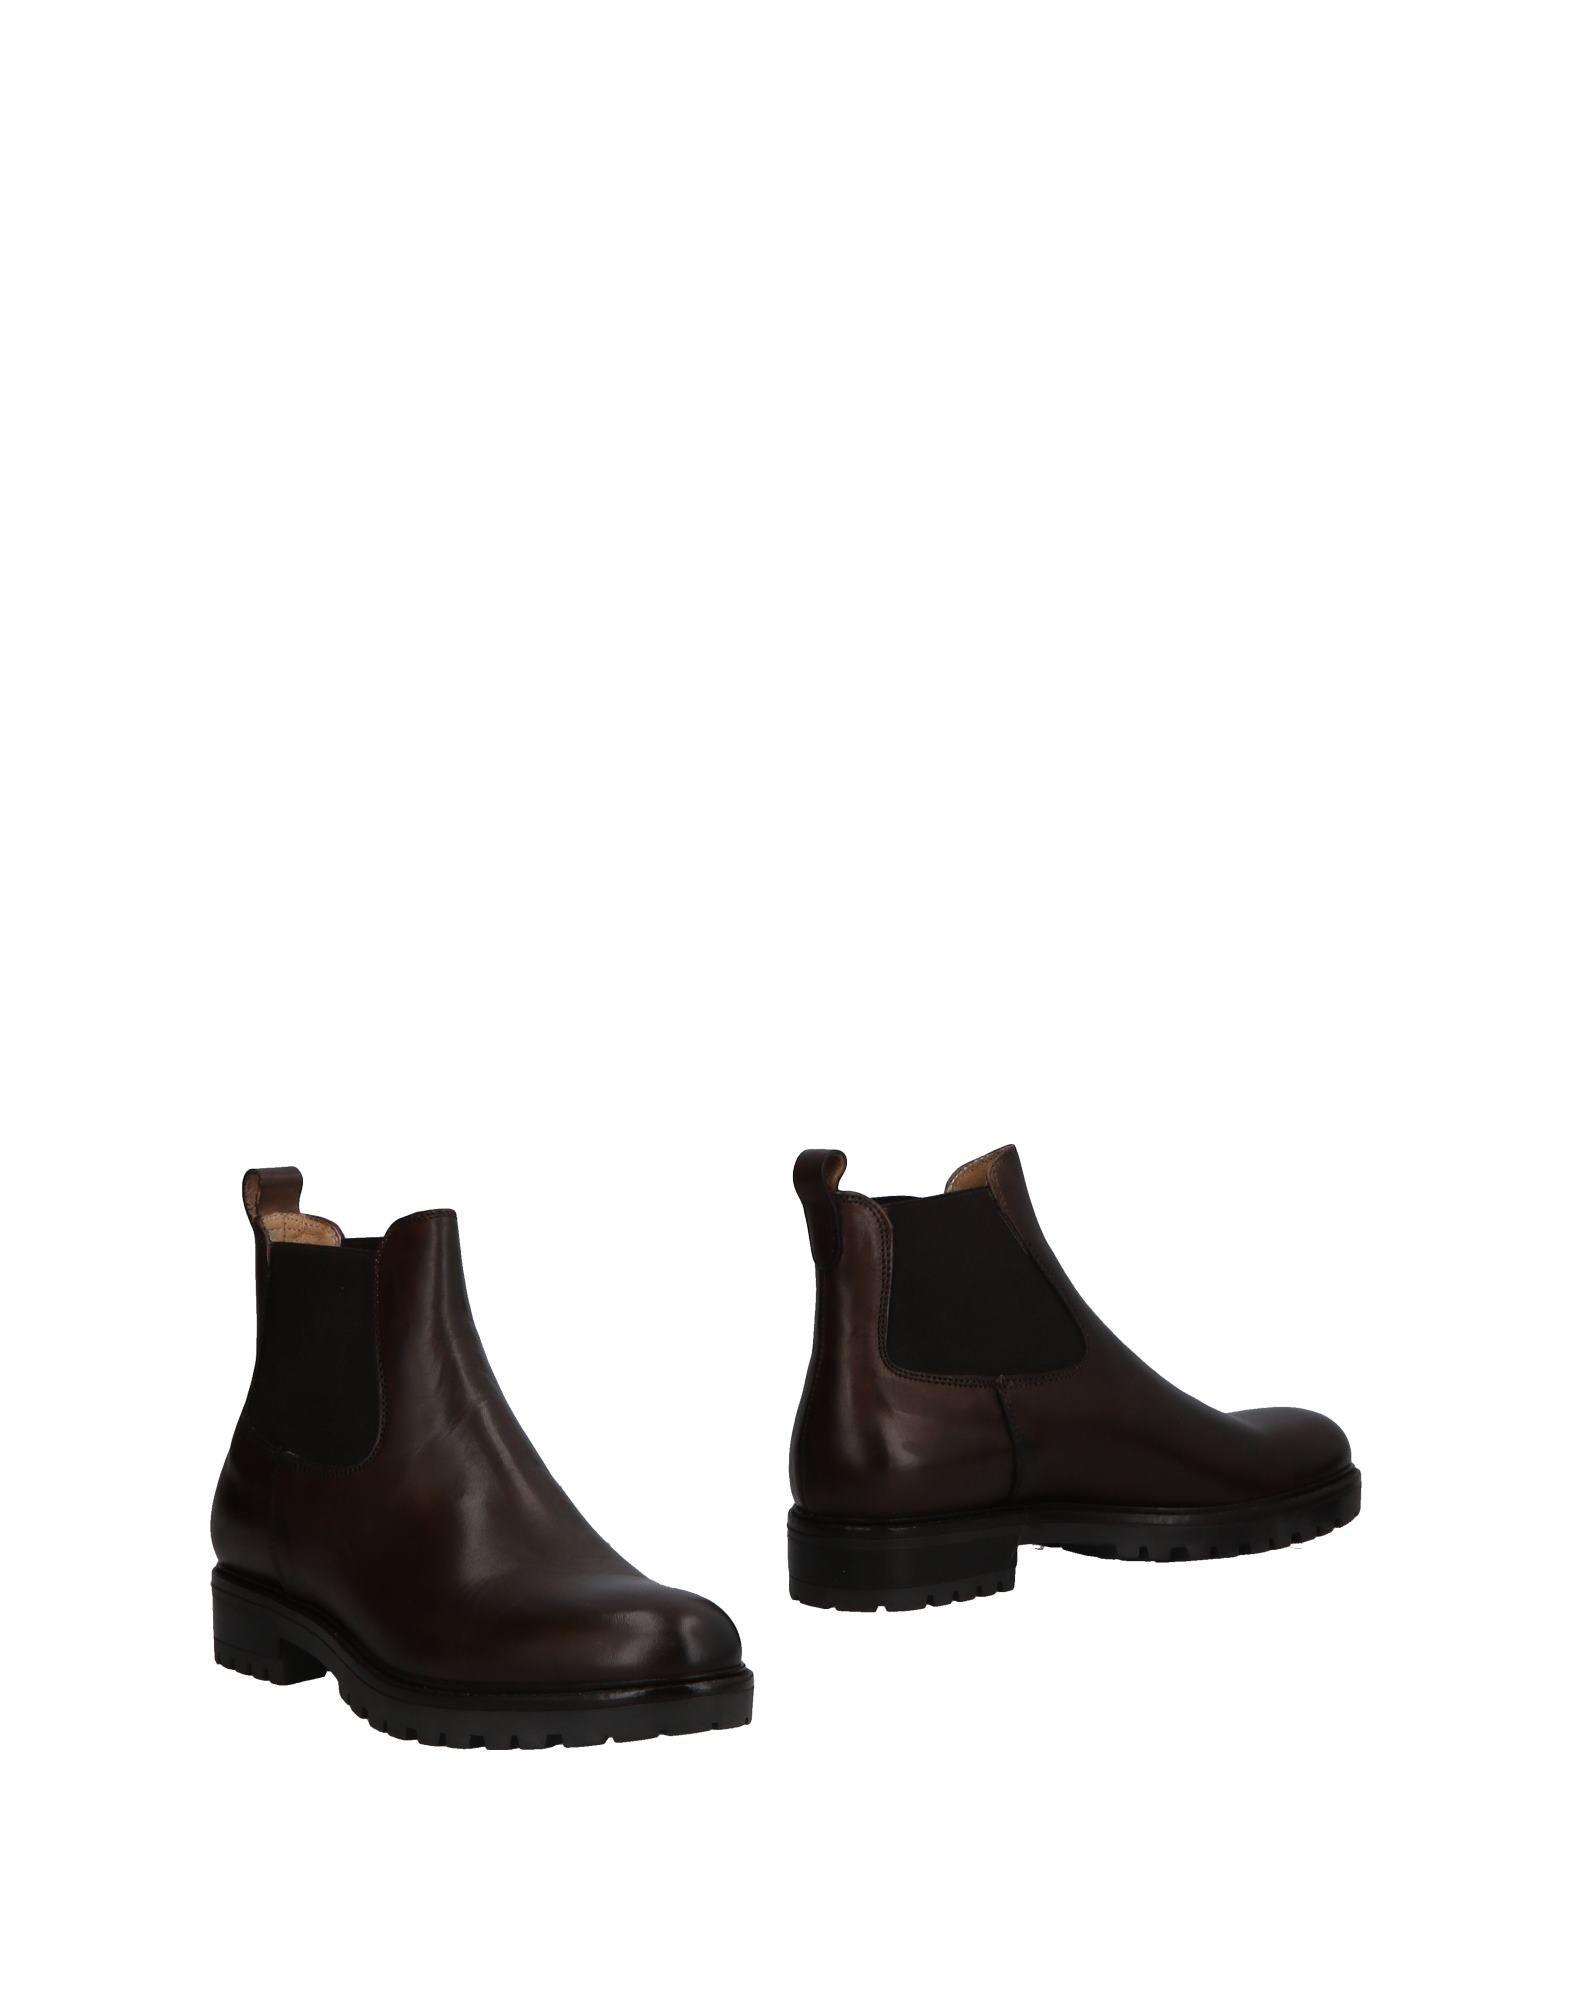 Gut tragenL'homme um billige Schuhe zu tragenL'homme Gut National Chelsea Boots Damen  11496575MF 85a2f5